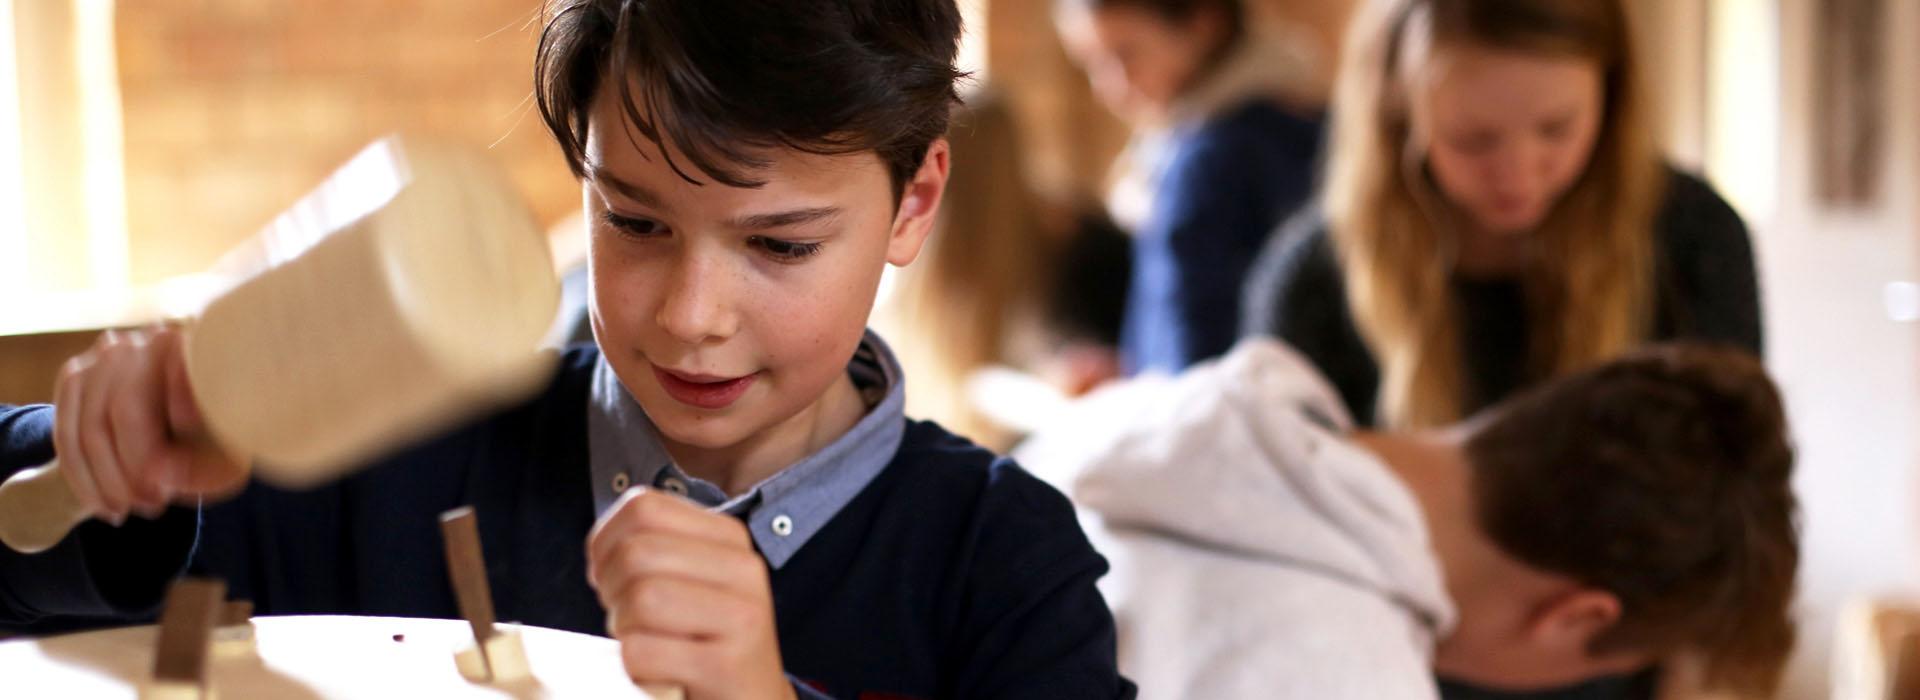 Die handwerkliche Kreativität fördern ist Schwerpunkt in der Rudolf-Steiner-Schule